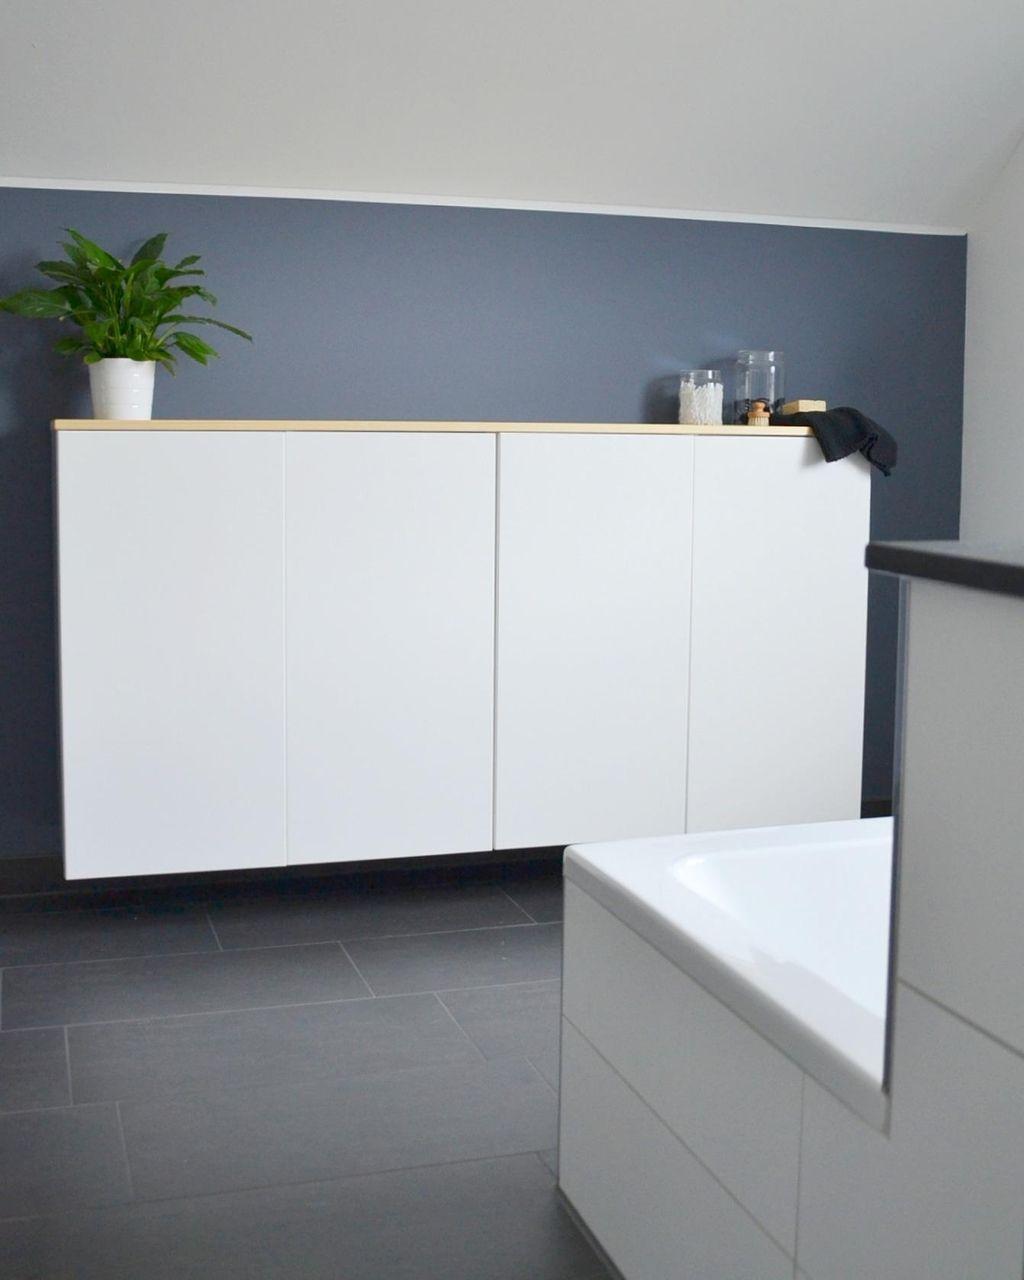 Ikea Kuchenschrank Umfunktioniert Zum Badschrank In 2020 Badezimmer Schrank Ikea Badschrank Badschrank